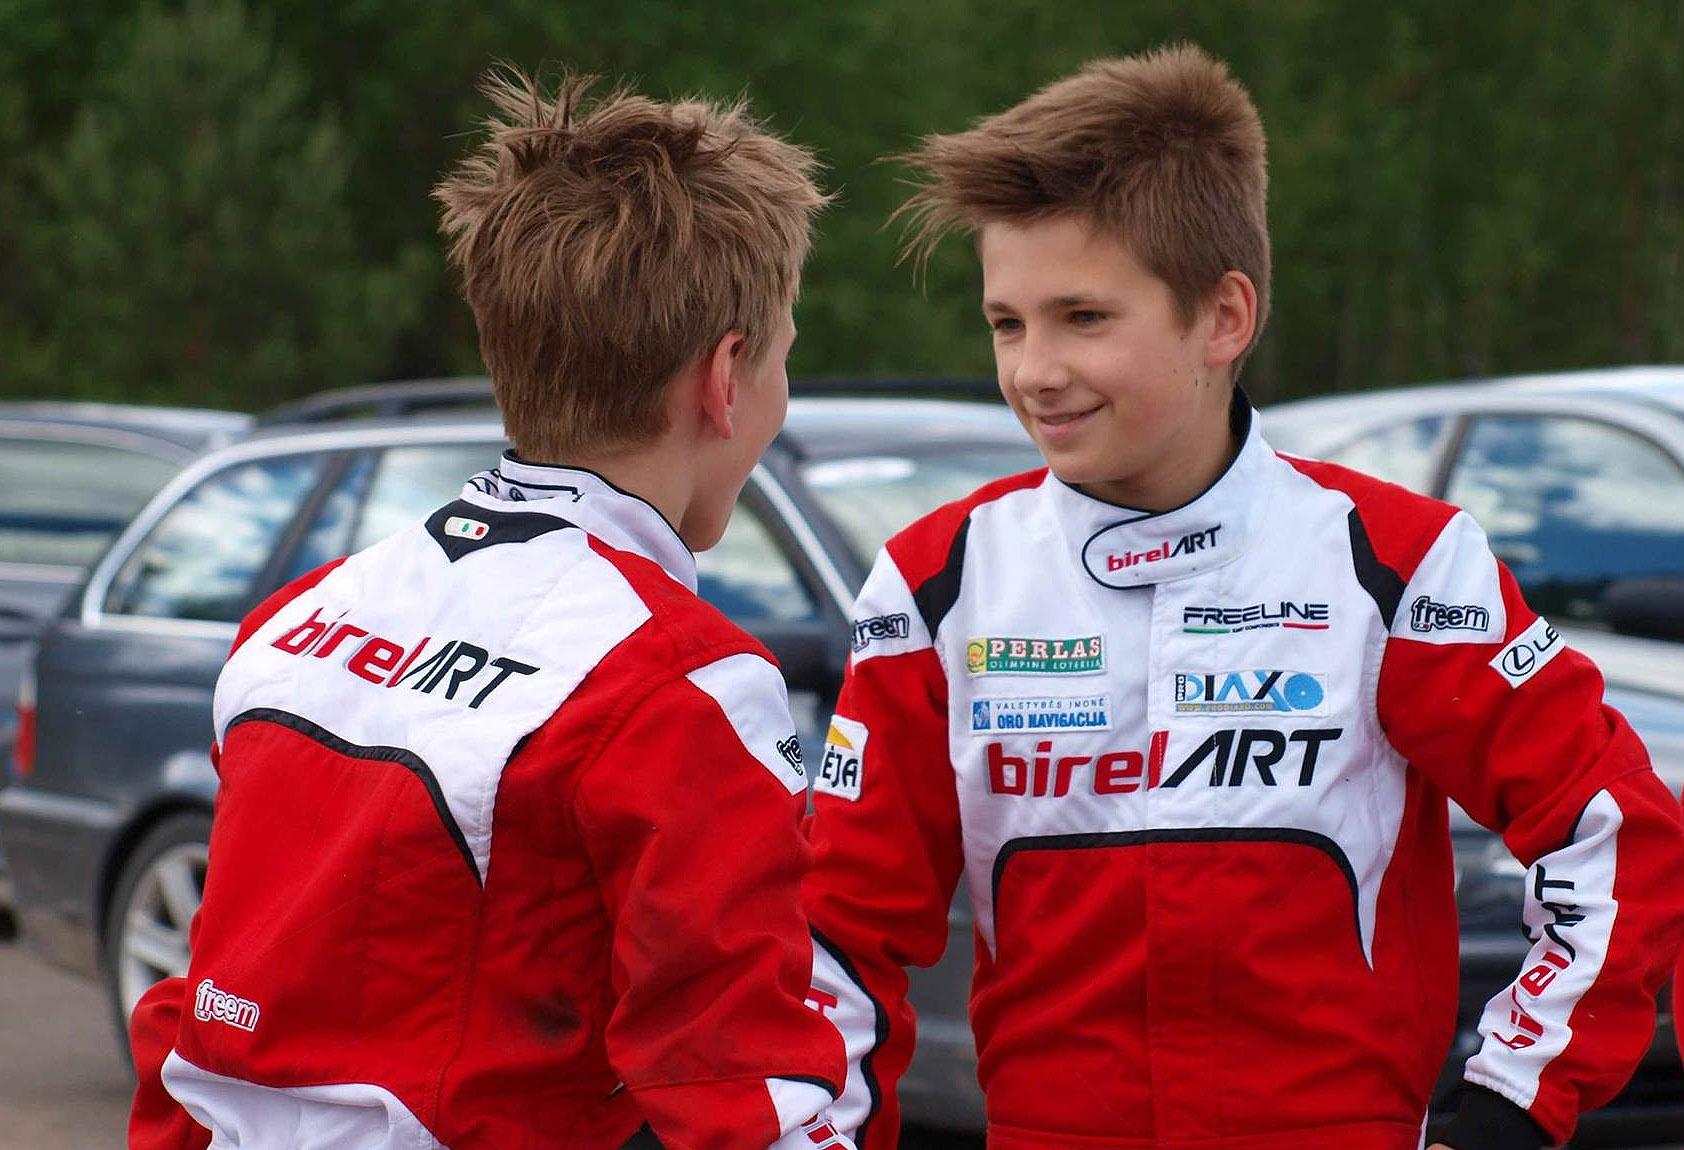 Gustas Grinbergas (po prawej) zadebiutował w kategorii juniorskiej. Czy wicemistrz Polski w Mini Roku będzie jedną z głównych postaci rozgrywek w Polsce wśród juniorów?